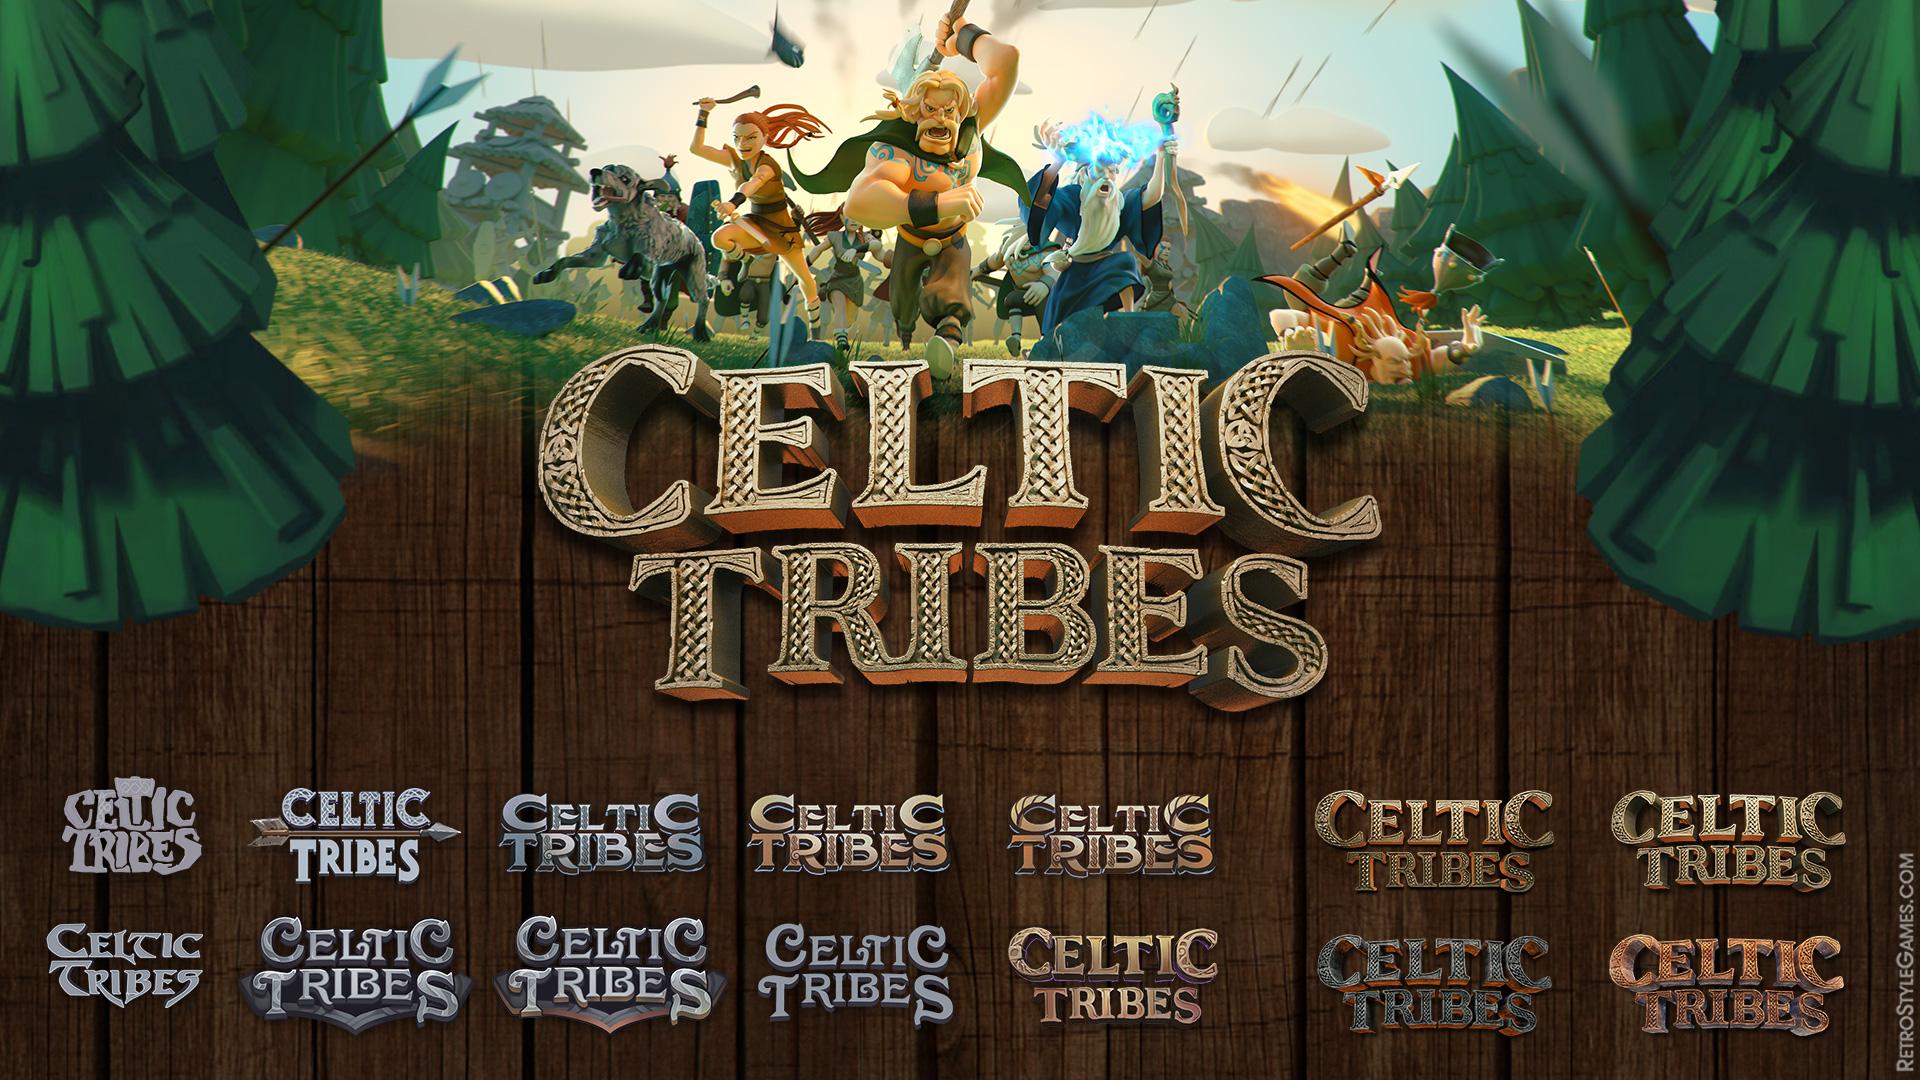 Game 3D Logo Design Concept Variant Celtic Tribes